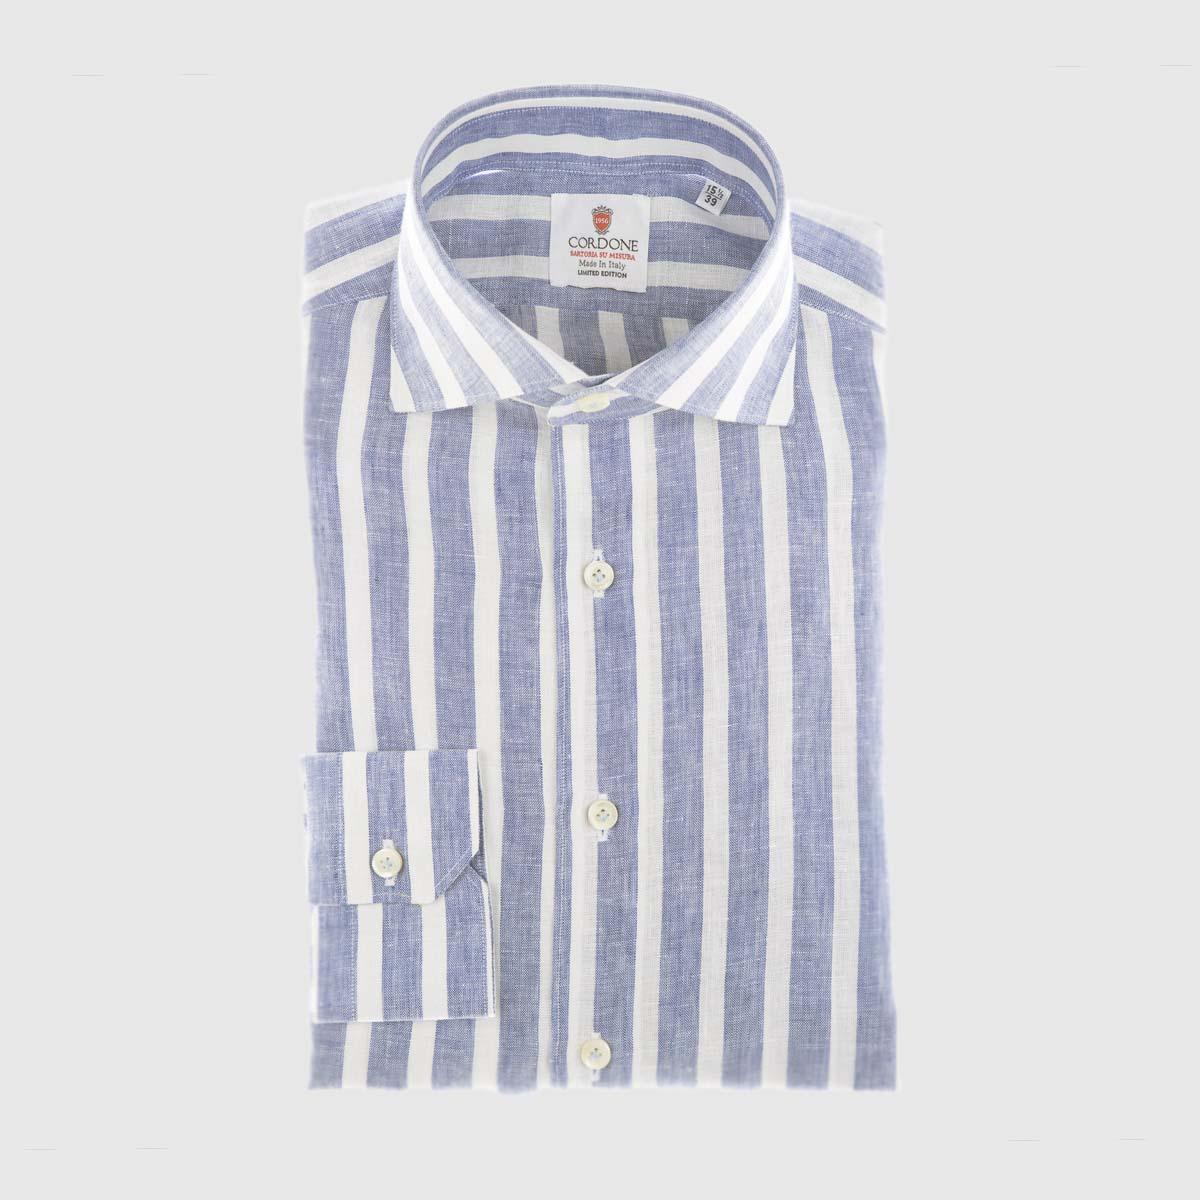 Camicia elegante di lino a righe larghe blu e bianca